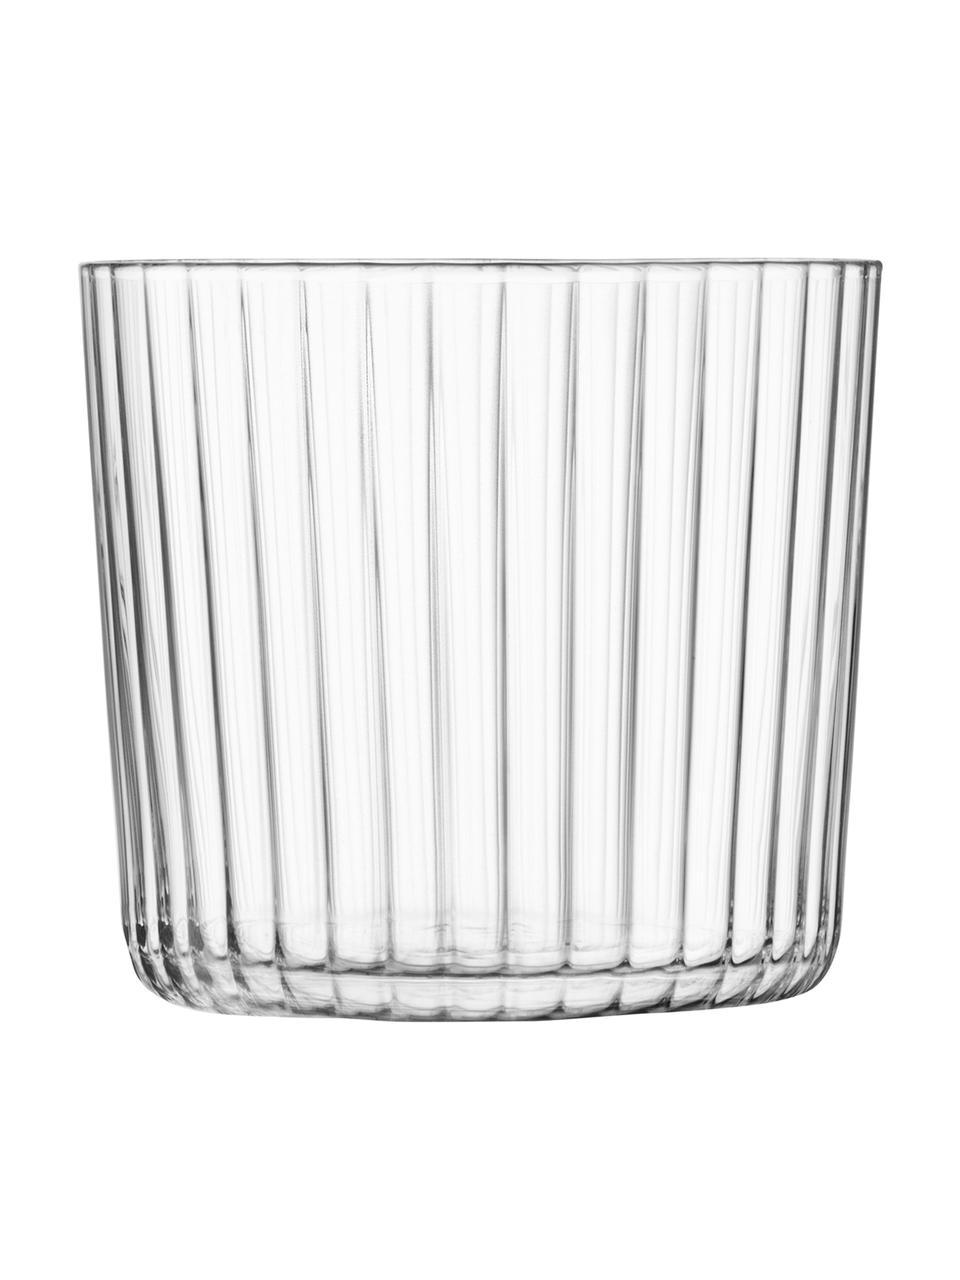 Mundgeblasene Wassergläser Gio mit Rillenstruktur, 4 Stück, Glas, Transparent, Ø 8 x H 7 cm